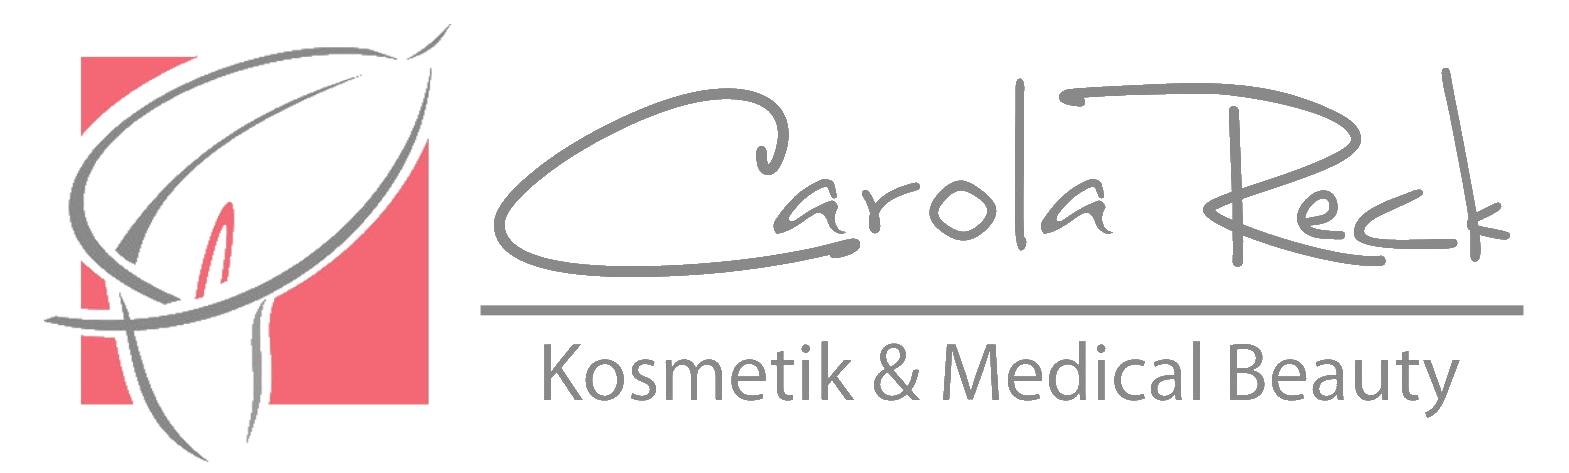 Logo Carola Reck